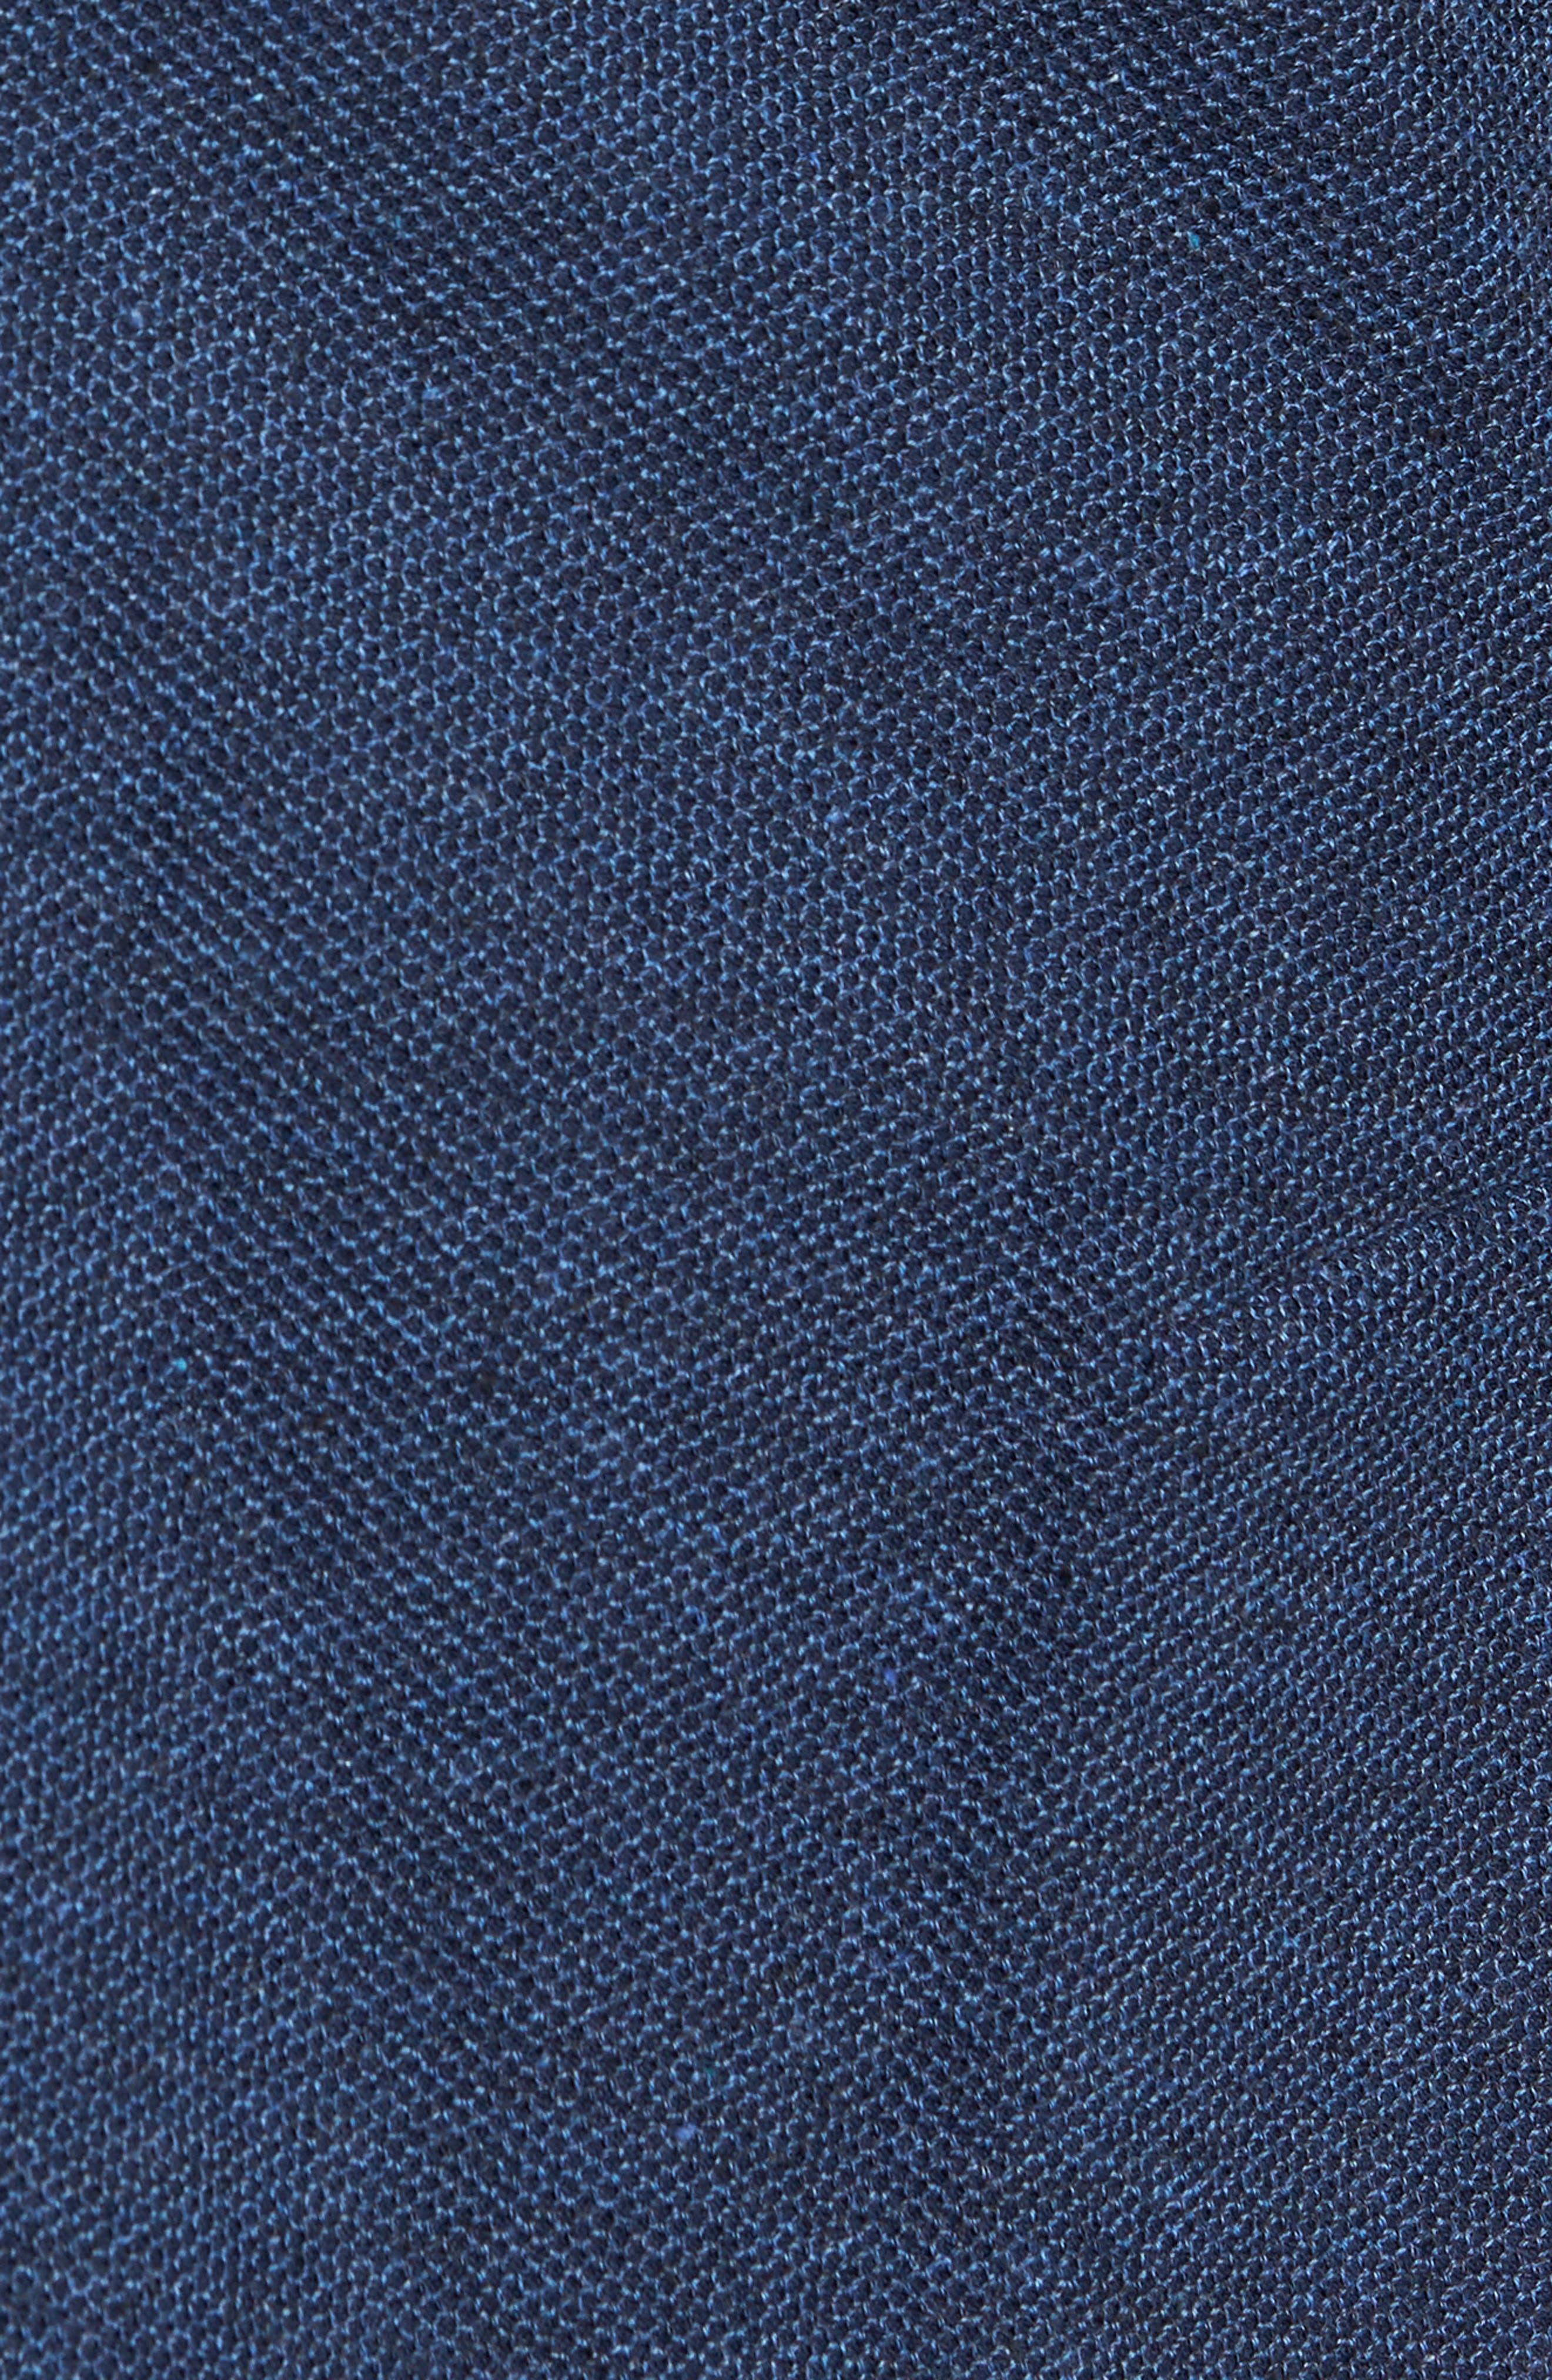 Trim Fit Cotton Blend Blazer,                             Alternate thumbnail 5, color,                             Mid Blue